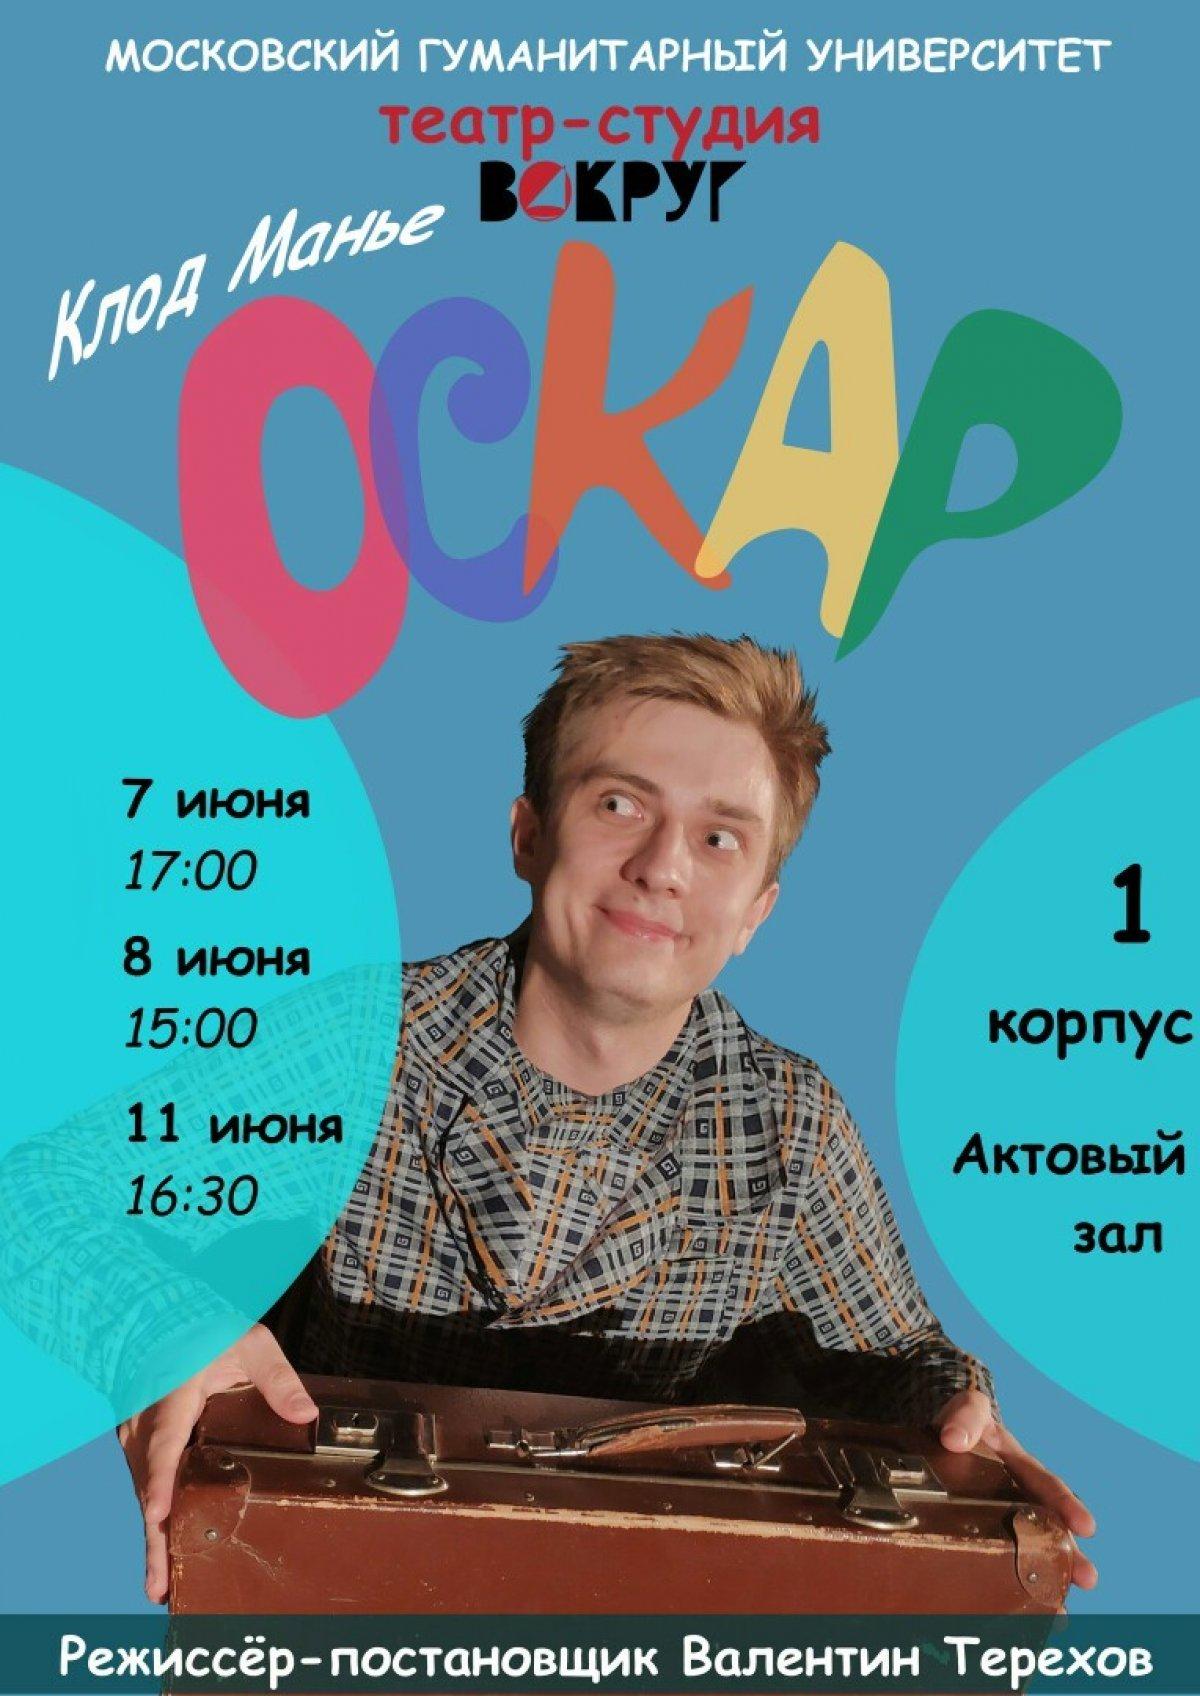 """Друзья! Вот и подходит к концу 8 сезон. Заключительный спектакль театра-студии """"Вокруг"""" ! Сегодня приглашаем вас на комедию Клода Манье """"Оска́р""""!"""